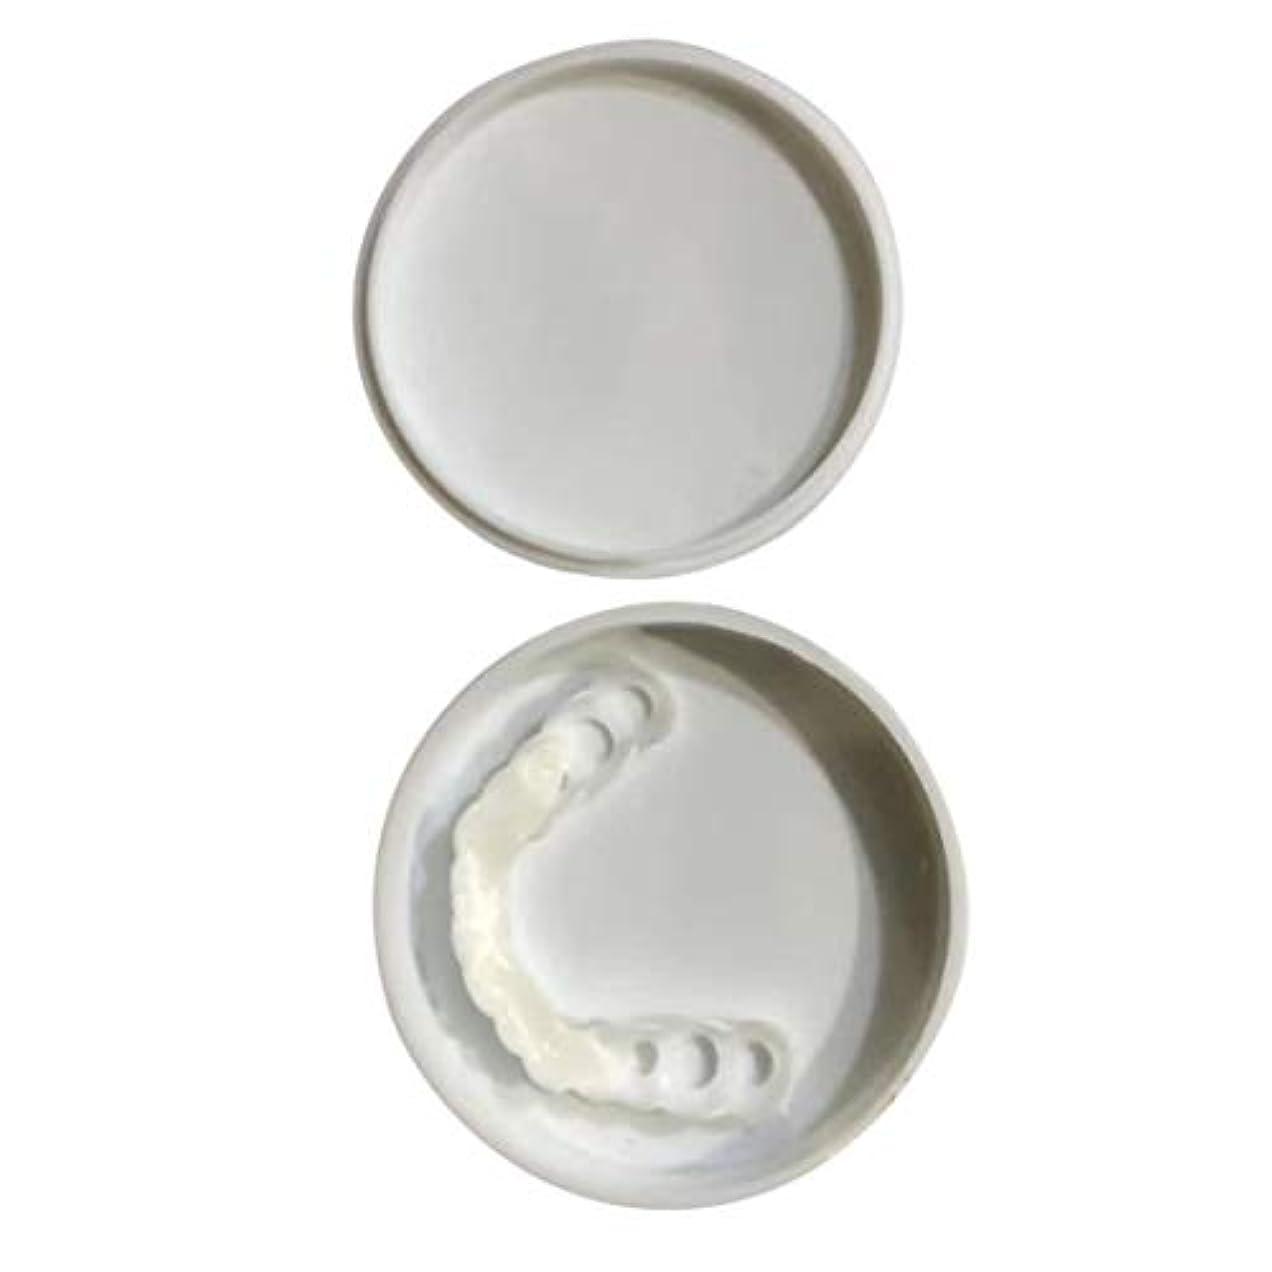 コレクション厚くする呪われた快適なスナップオン男性女性歯インスタントパーフェクトスマイルコンフォートフィットフレックス歯フィットホワイトニング笑顔偽歯カバー - ホワイト